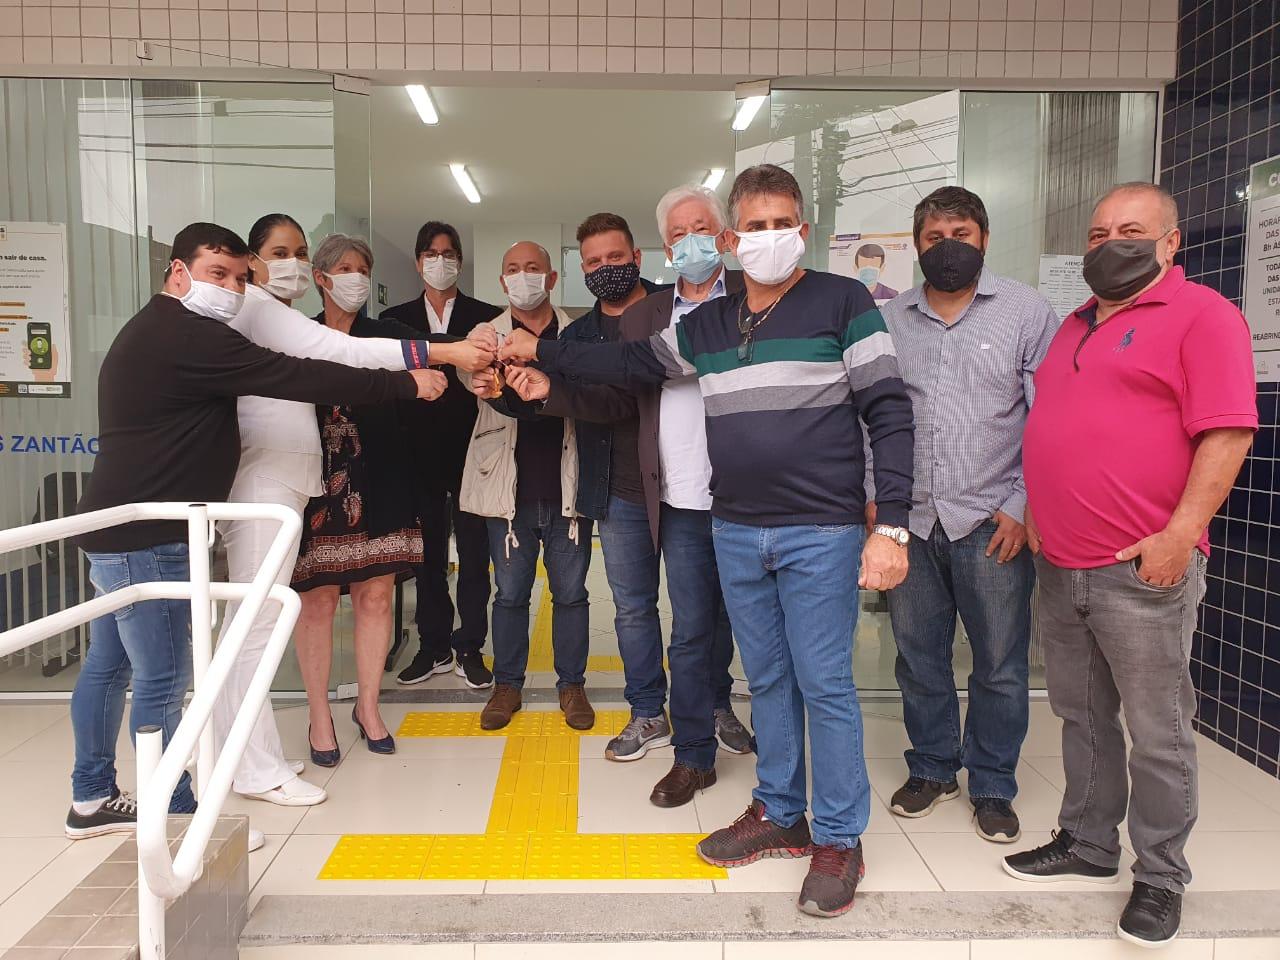 Prefeitura realiza entrega da Unidade Básica de Saúde do Zantão